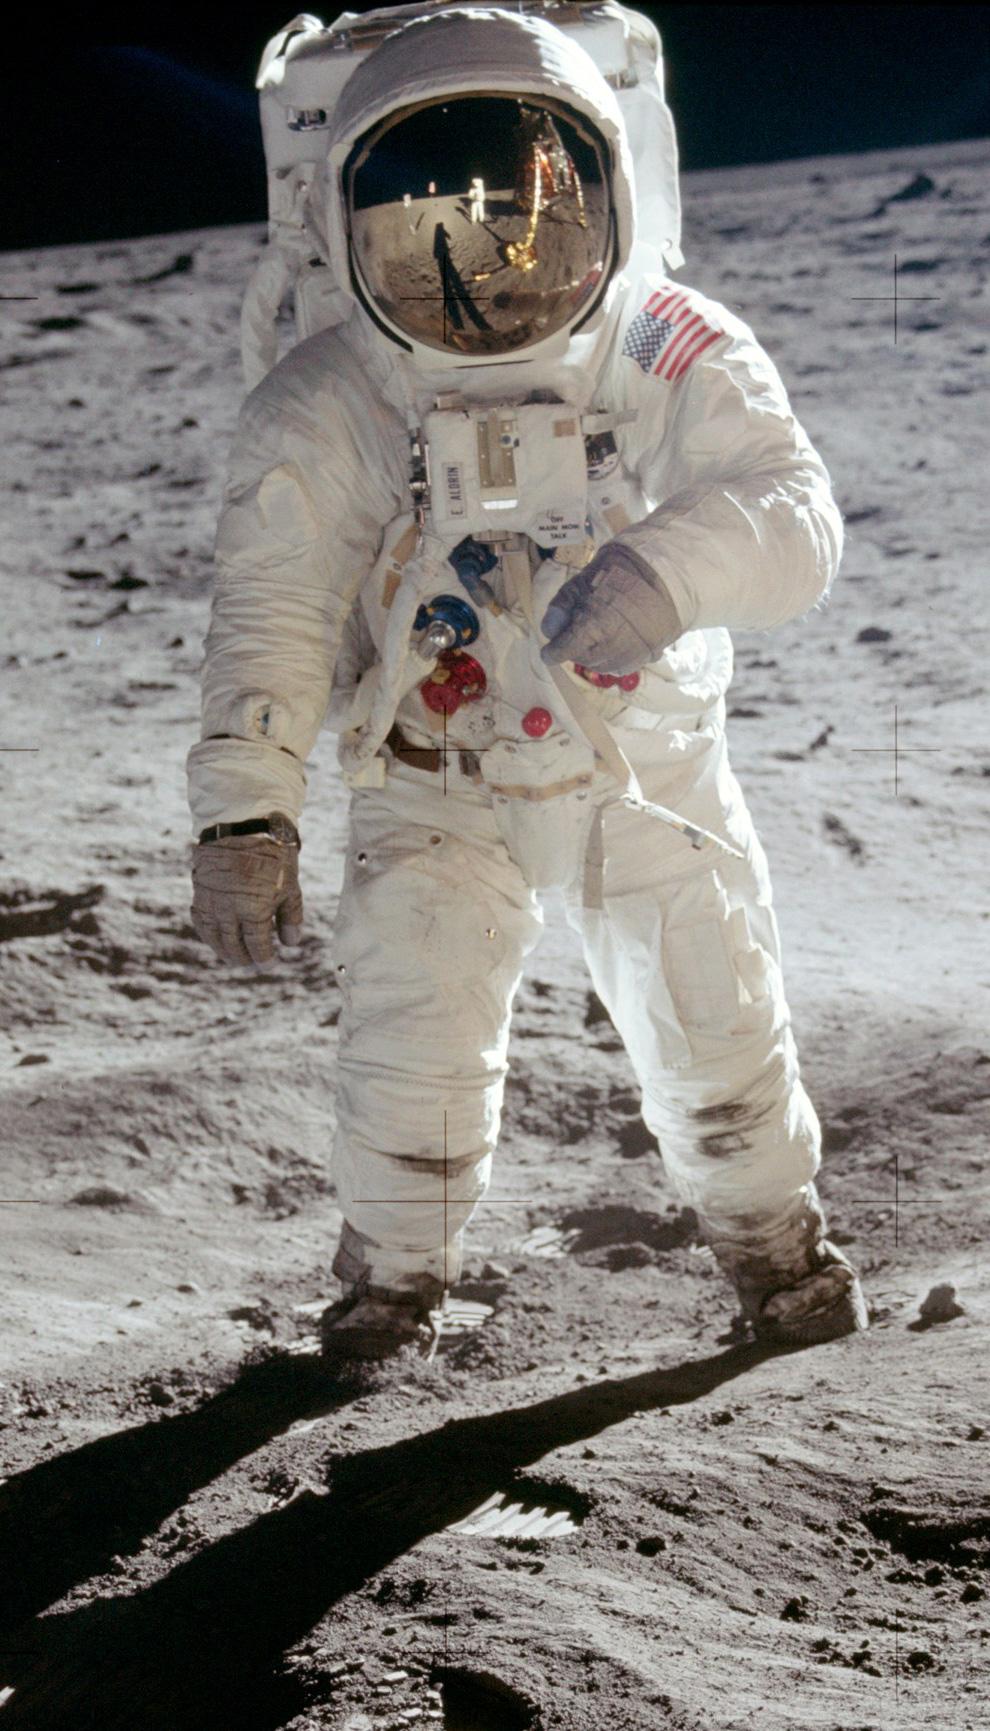 28) Баз Олдрин, фотографировал Нил Армстронг (виден в отражении шлема). «Я шел от лунного модуля, а Нил сказал мне «Замри Баз» я остановился и обернулся, а Нил сделал эту фотографию позднее известную как «Щиток». Мне нравится эта фотография, потому что на ней запечатлен момент, когда человек стоит на фоне лунного горизонта далеко от дома, а в щитке отражается наш модуль и Нил. Здесь мы были дальше всех от Земли и рисковали как никто другой. Но все же мы были неразрывно связанны с сотнями миллионов людей, наблюдающих за нами на расстоянии 380 тысяч километров. В этот момент весь мир объединился во имя мира на Земле». (NASA)